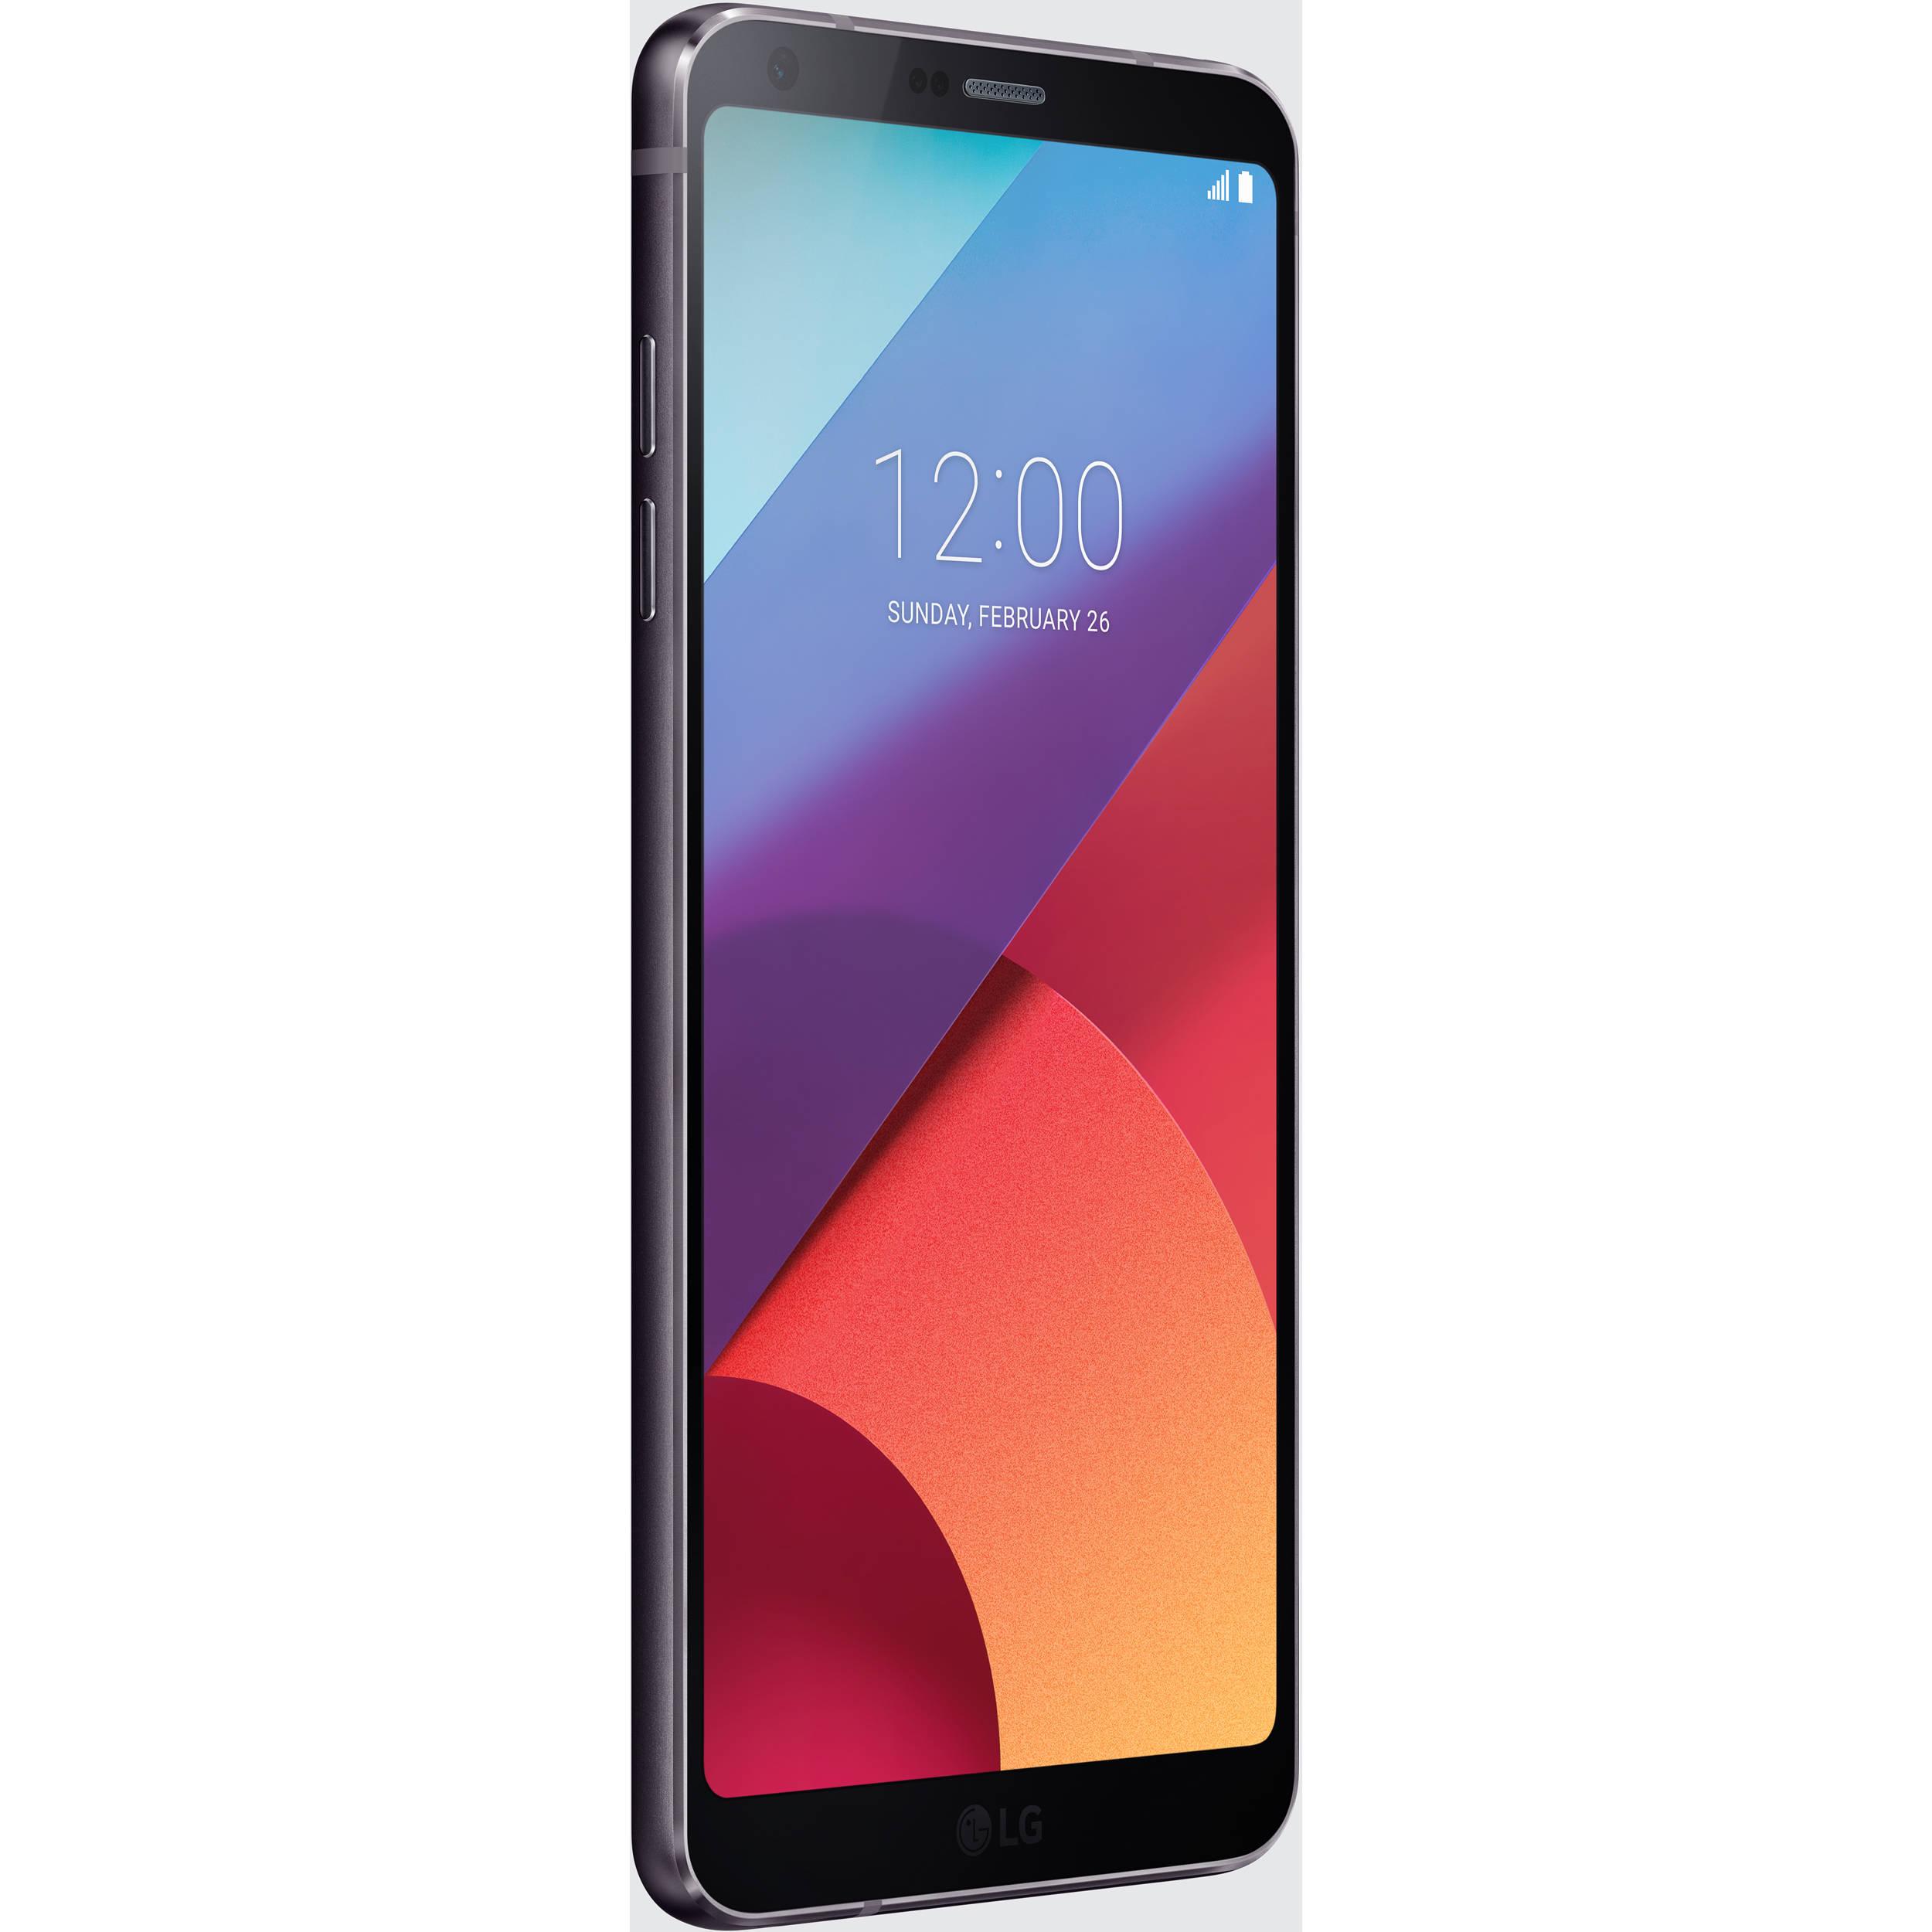 lg q6 us700 32gb smartphone unlocked platinum lgus700 ausapl rh bhphotovideo com Nokia Touchscreen Manuals nokia q6 manual